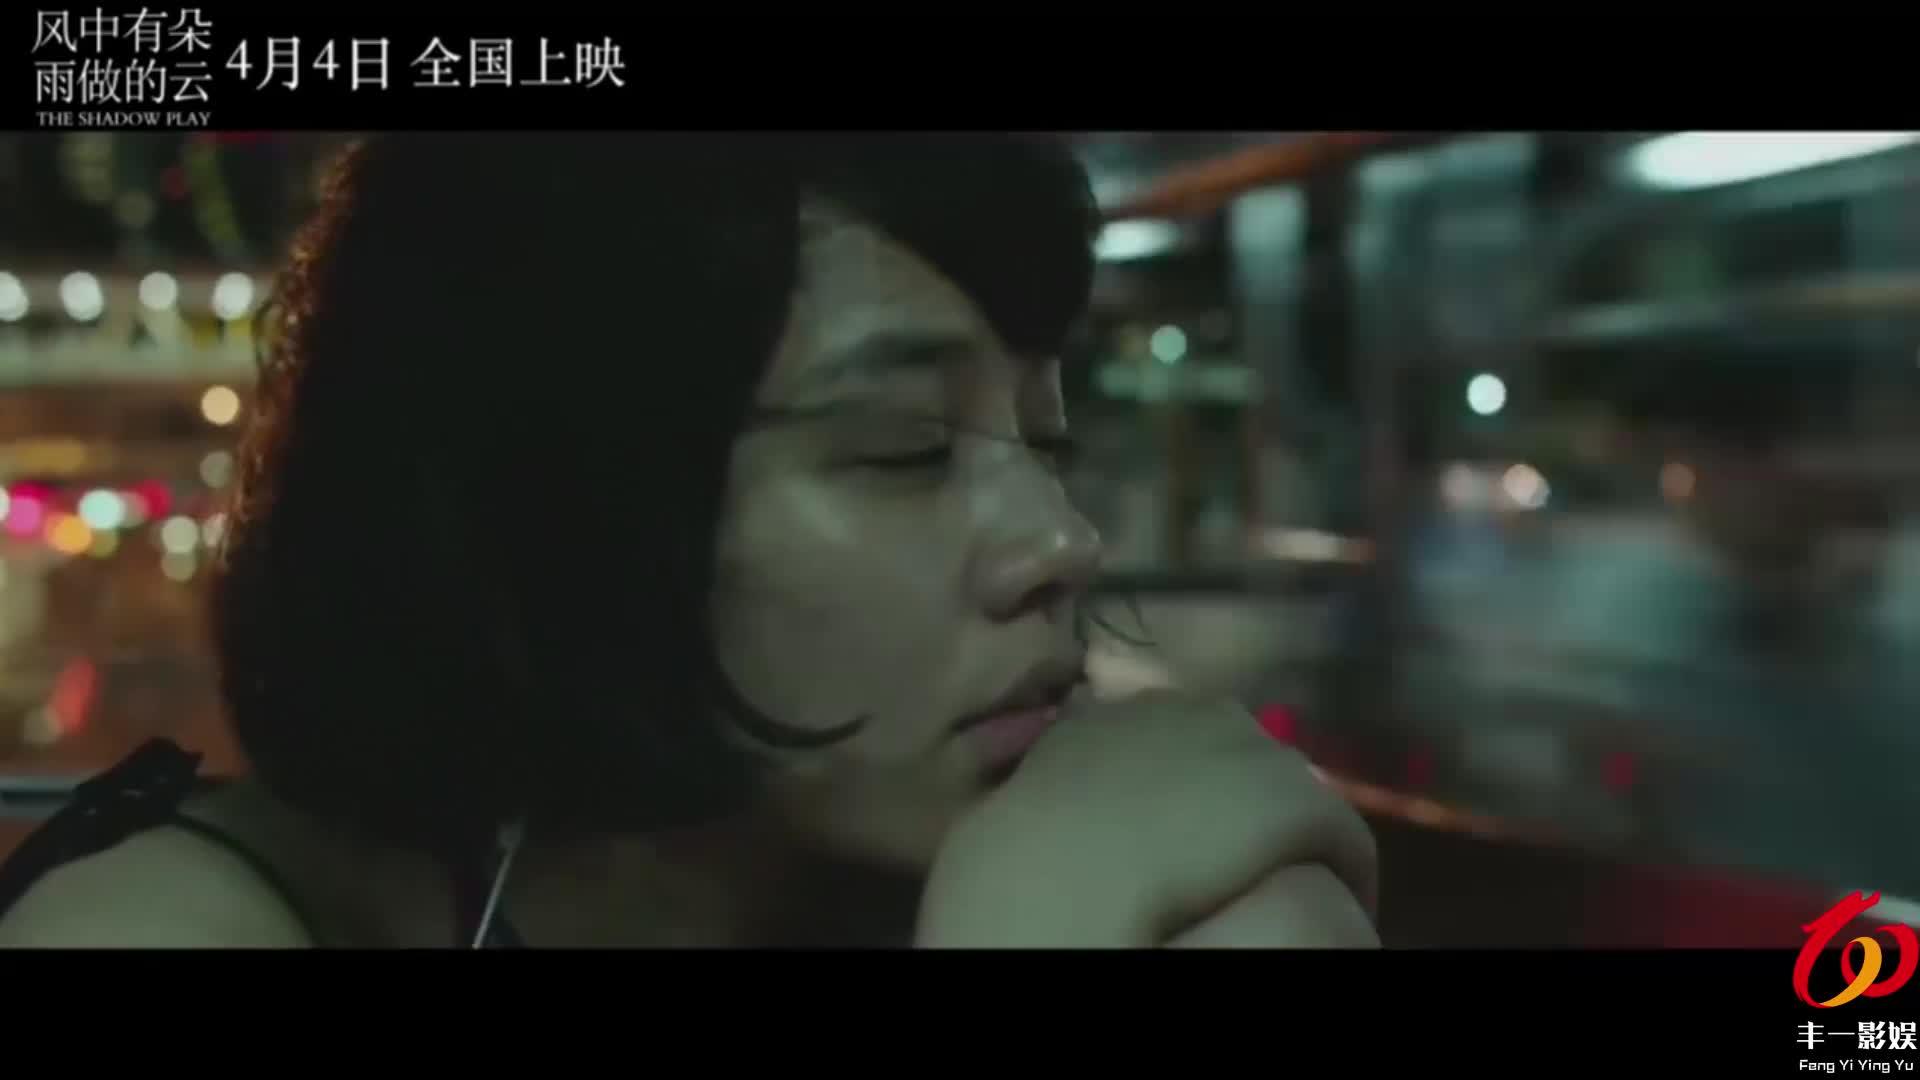 《风中有朵雨做的云》预告,井柏然马思纯领衔文艺片